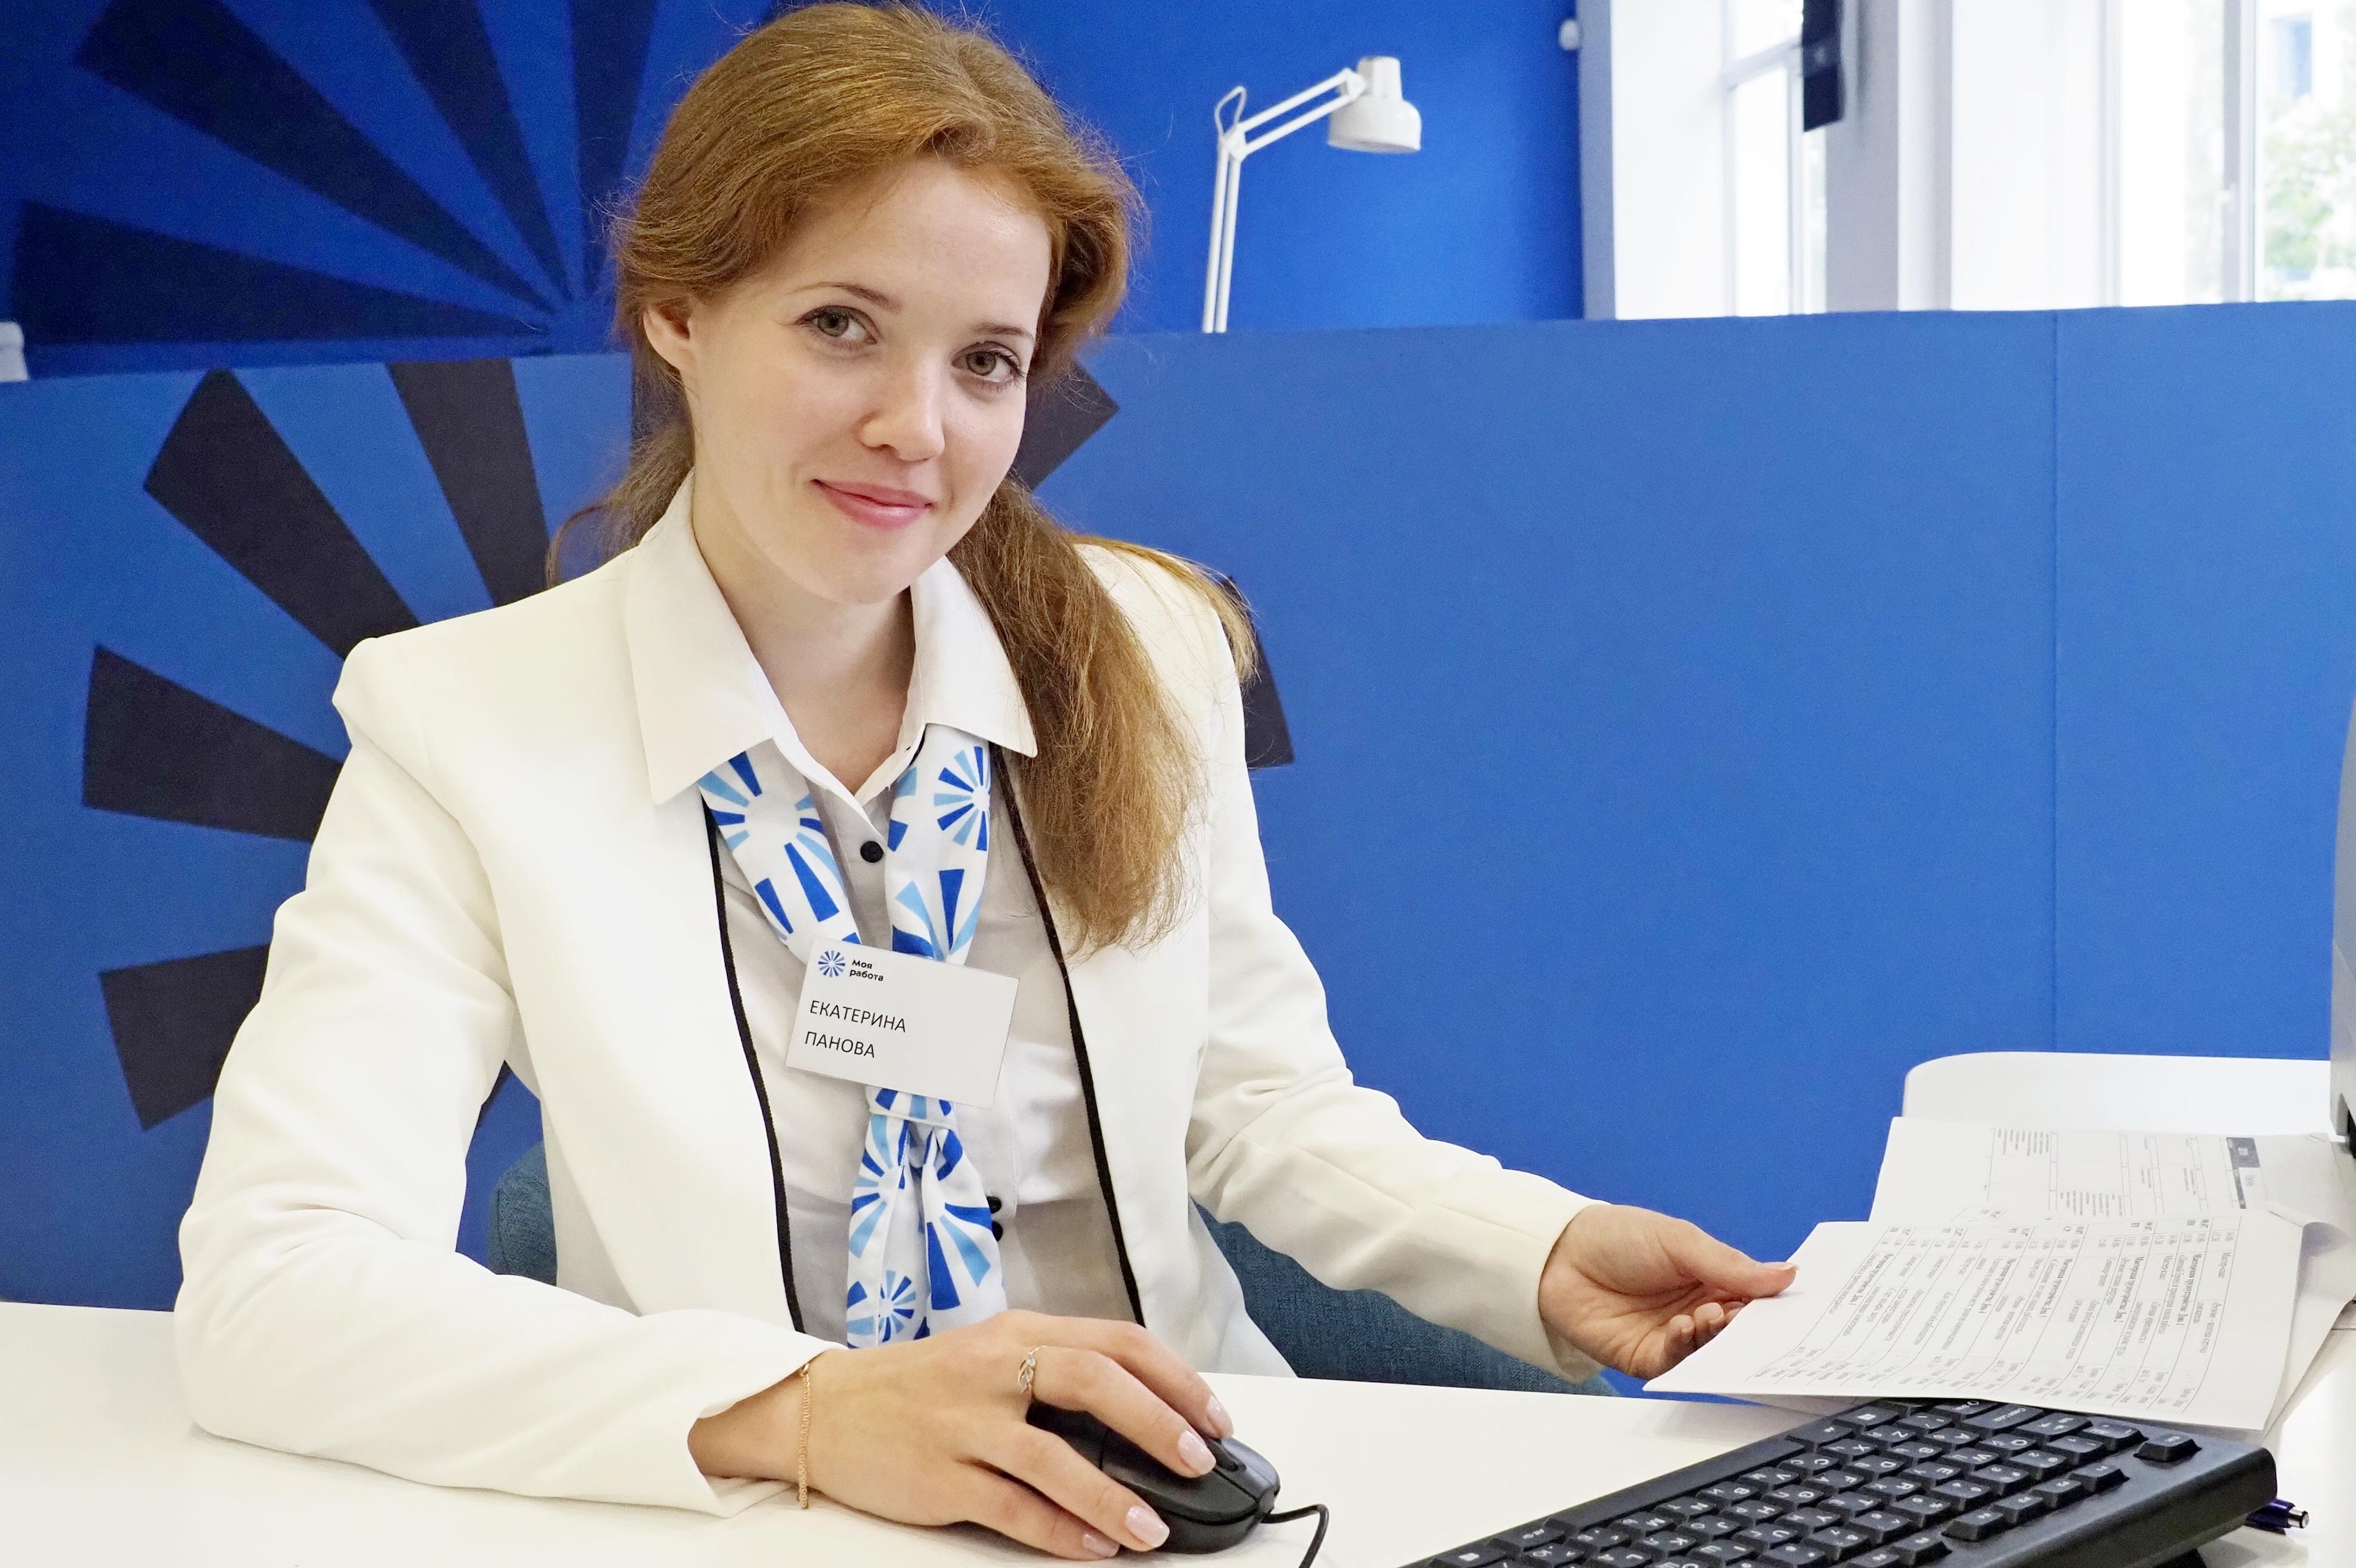 Центр занятости в Москве поможет выпускникам вузов и колледжей трудоустроиться